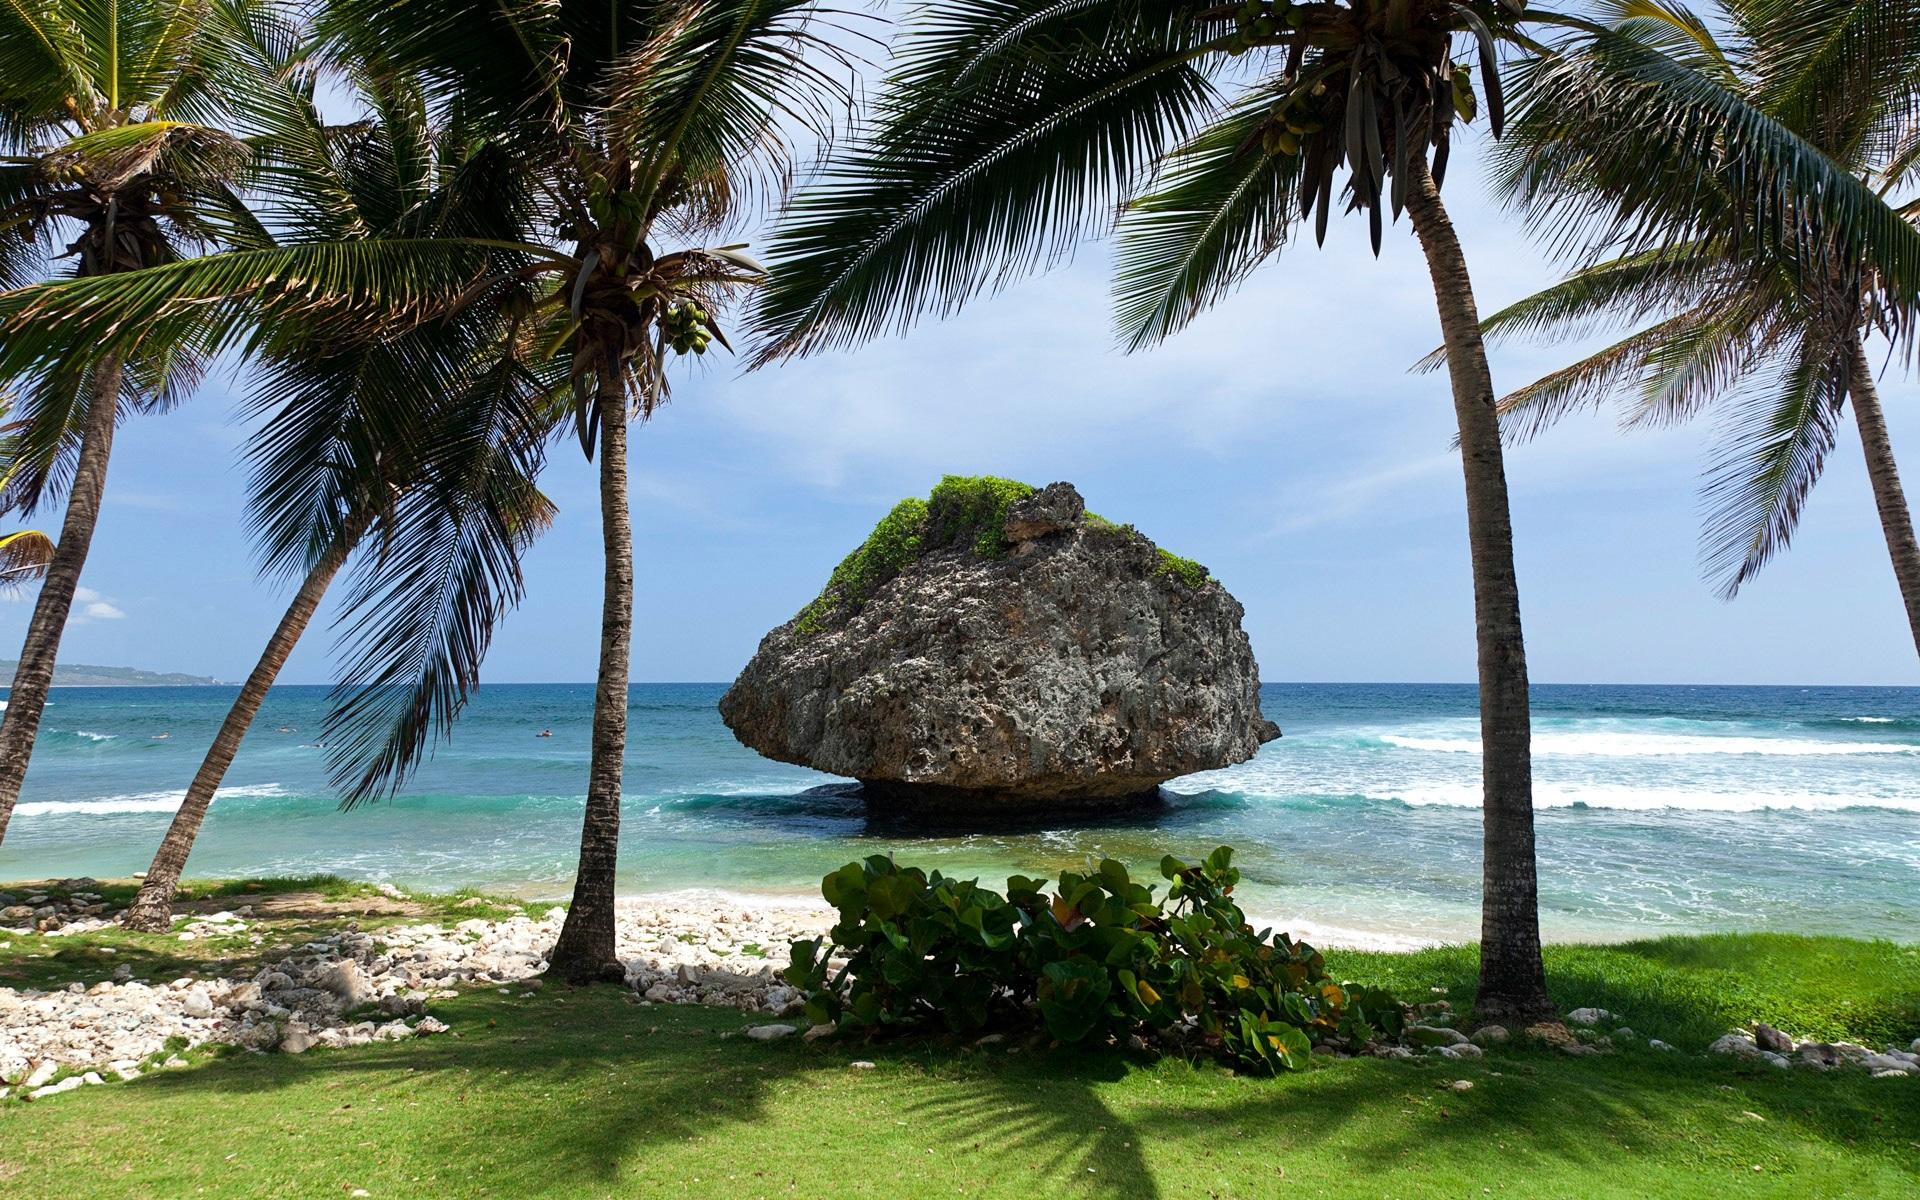 берег камни пальмы shore stones palm trees  № 792072 загрузить